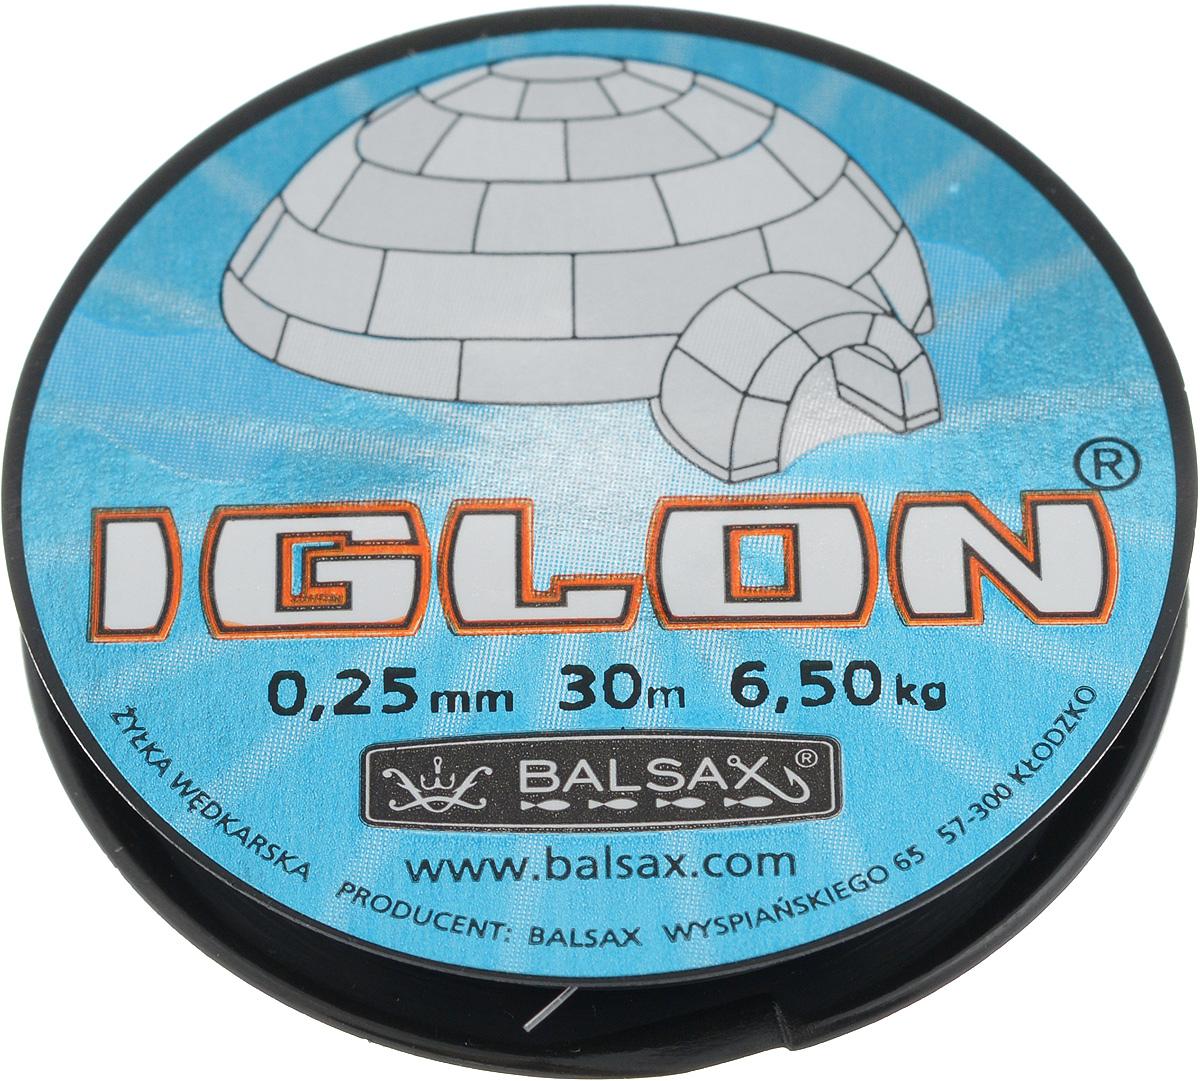 Леска зимняя Balsax Iglon, 30 м, 0,25 мм, 6,5 кг807Леска Balsax Iglon изготовлена из 100% нейлона и очень хорошо выдерживает низкие температуры. Даже в самом холодном климате, при температуре вплоть до -40°C, она сохраняет свои свойства практически без изменений, в то время как традиционные лески становятся менее эластичными и теряют прочность.Поверхность лески обработана таким образом, что она не обмерзает и отлично подходит для подледного лова. Прочна в местах вязки узлов даже при минимальном диаметре.